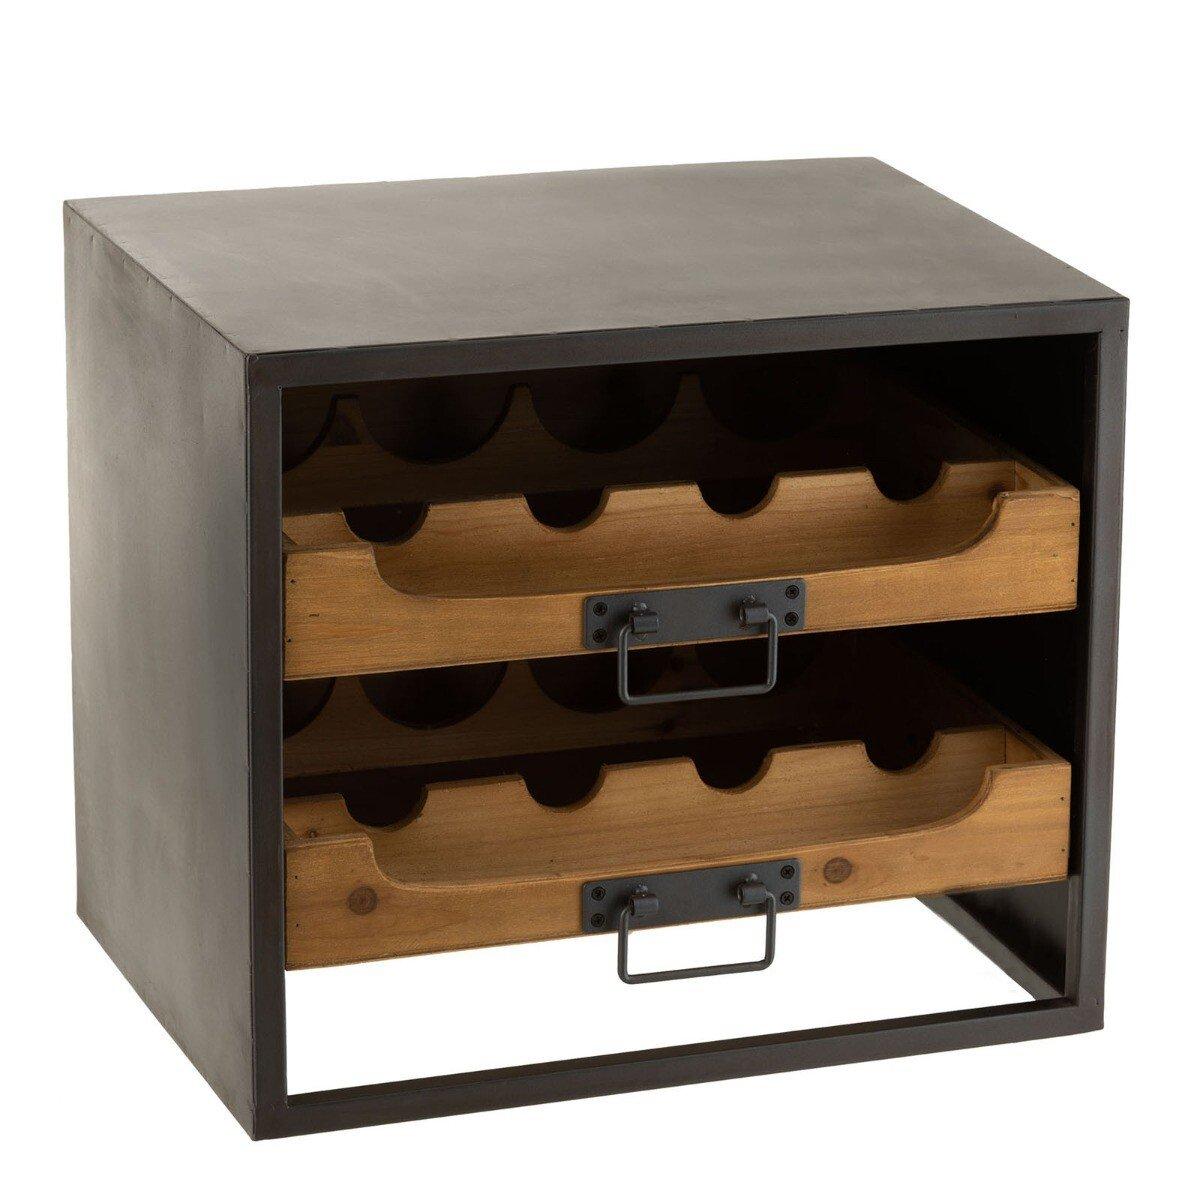 J-Line Wijnkast wijnflessen Metaal Hout 38 x 43,5 x 35 cm